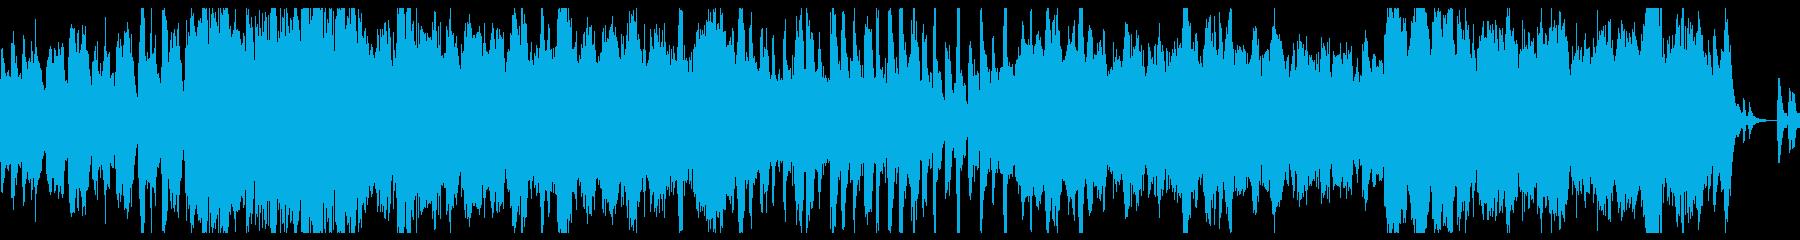 新版RPG向けオーケストラ曲『歓喜』の再生済みの波形